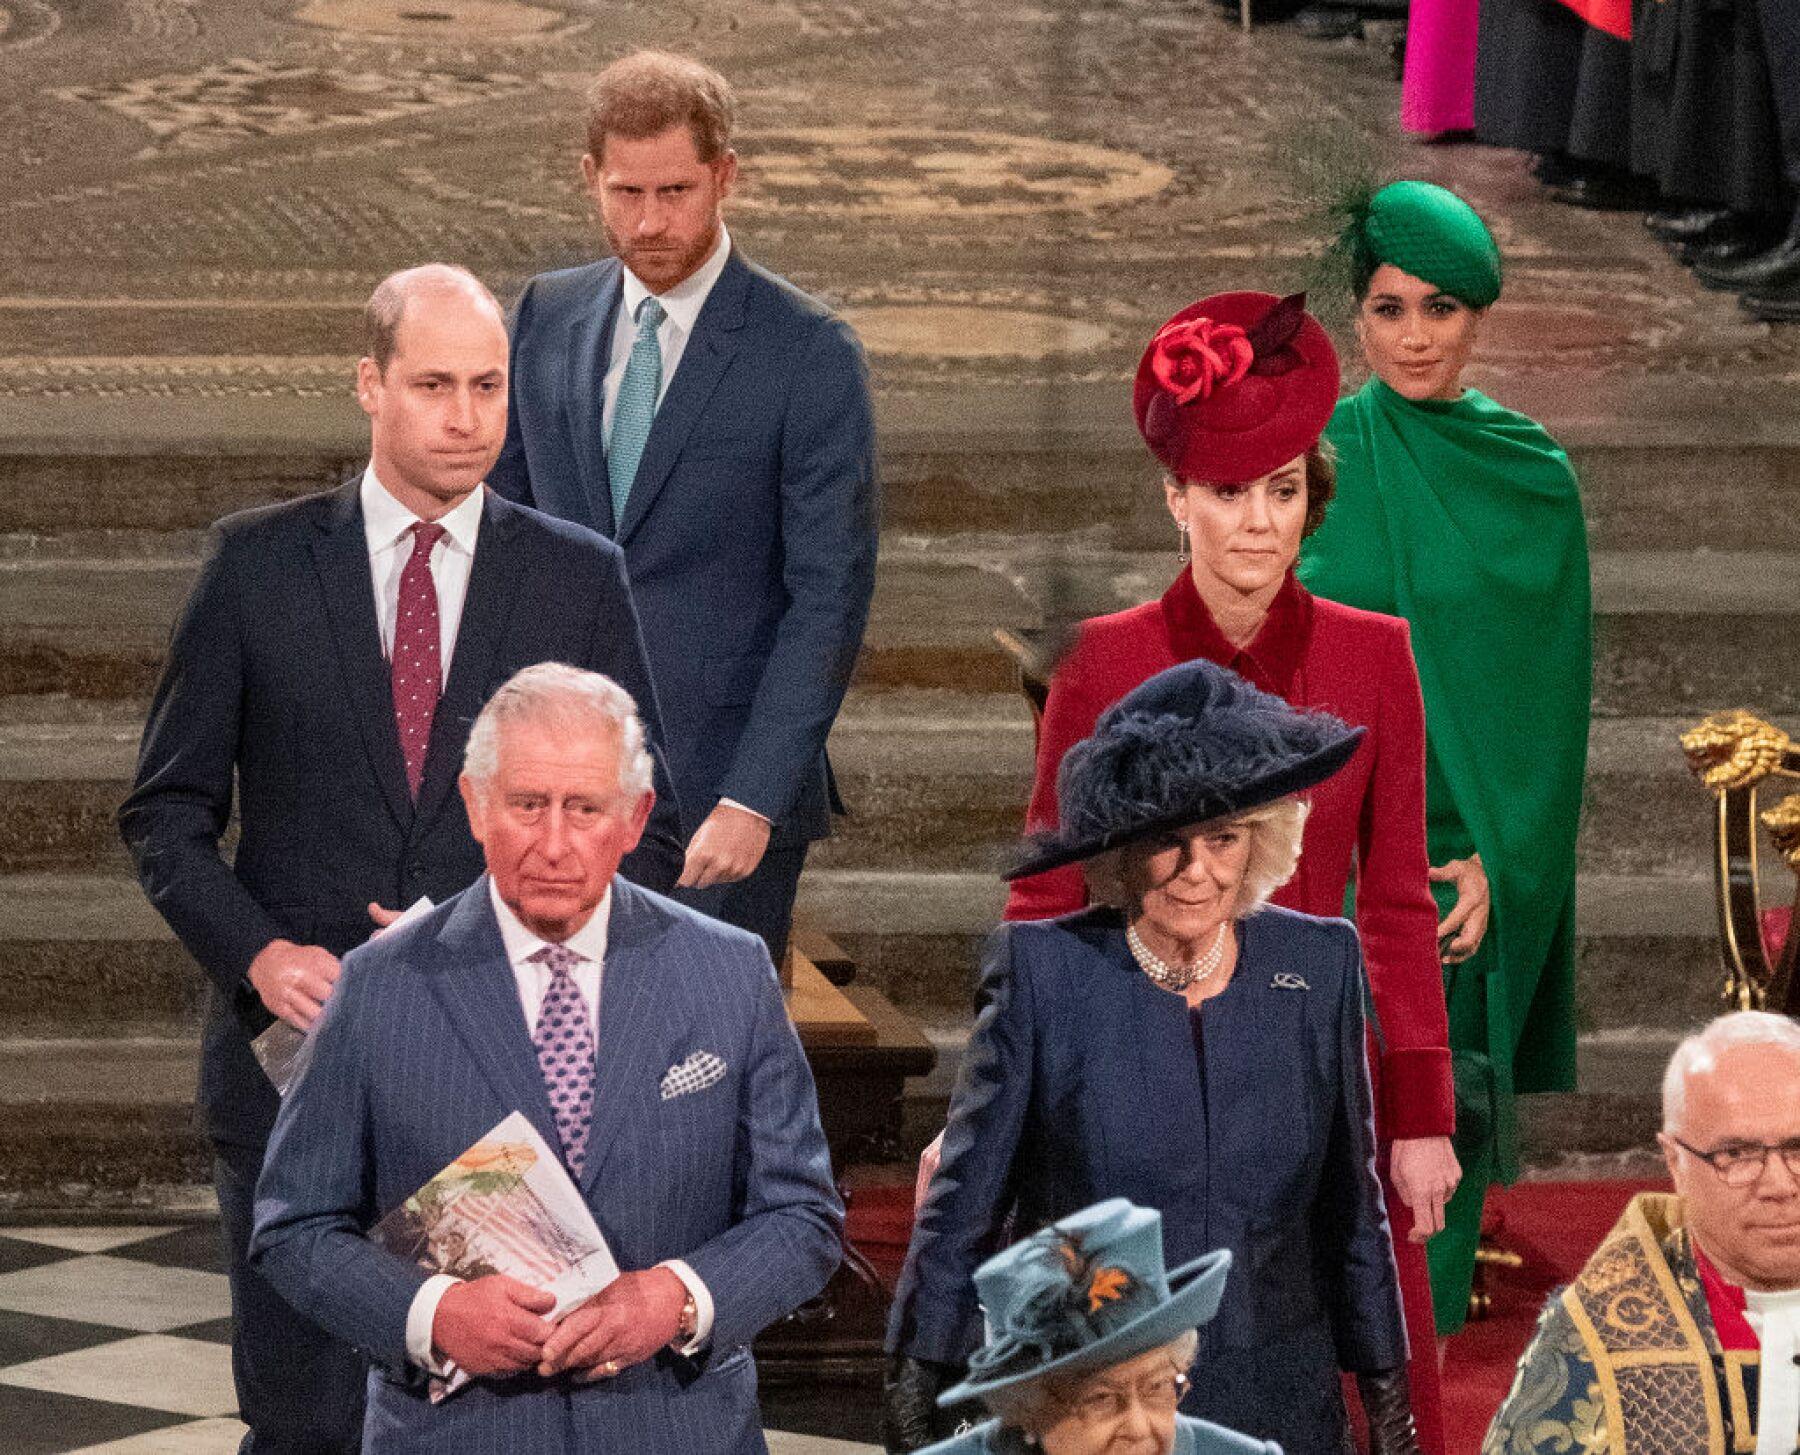 Royal couples de Reino Unido